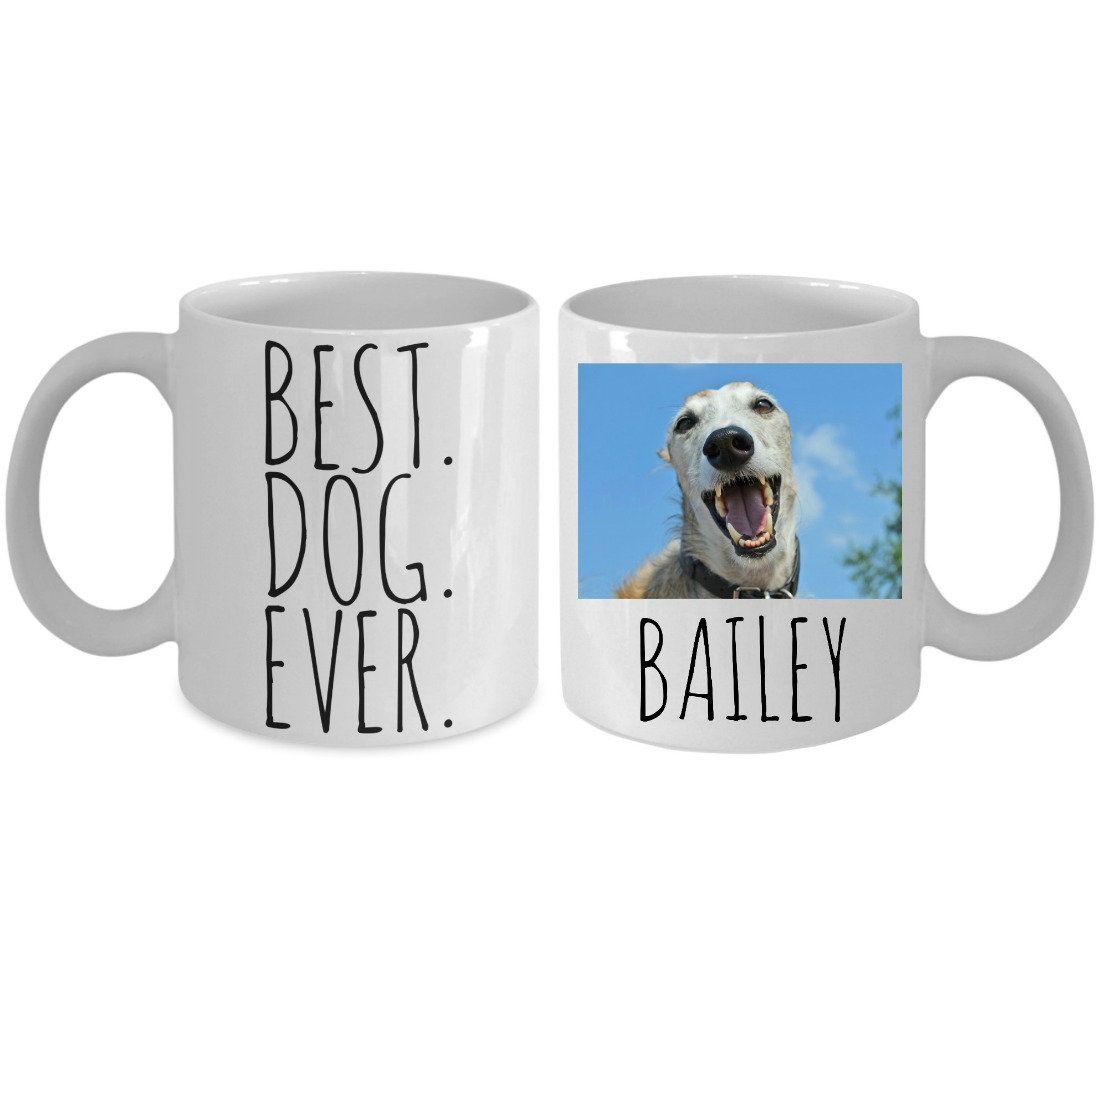 Personalized Dog Mug Best Dog Ever Mug Custom Dog Mug Pet